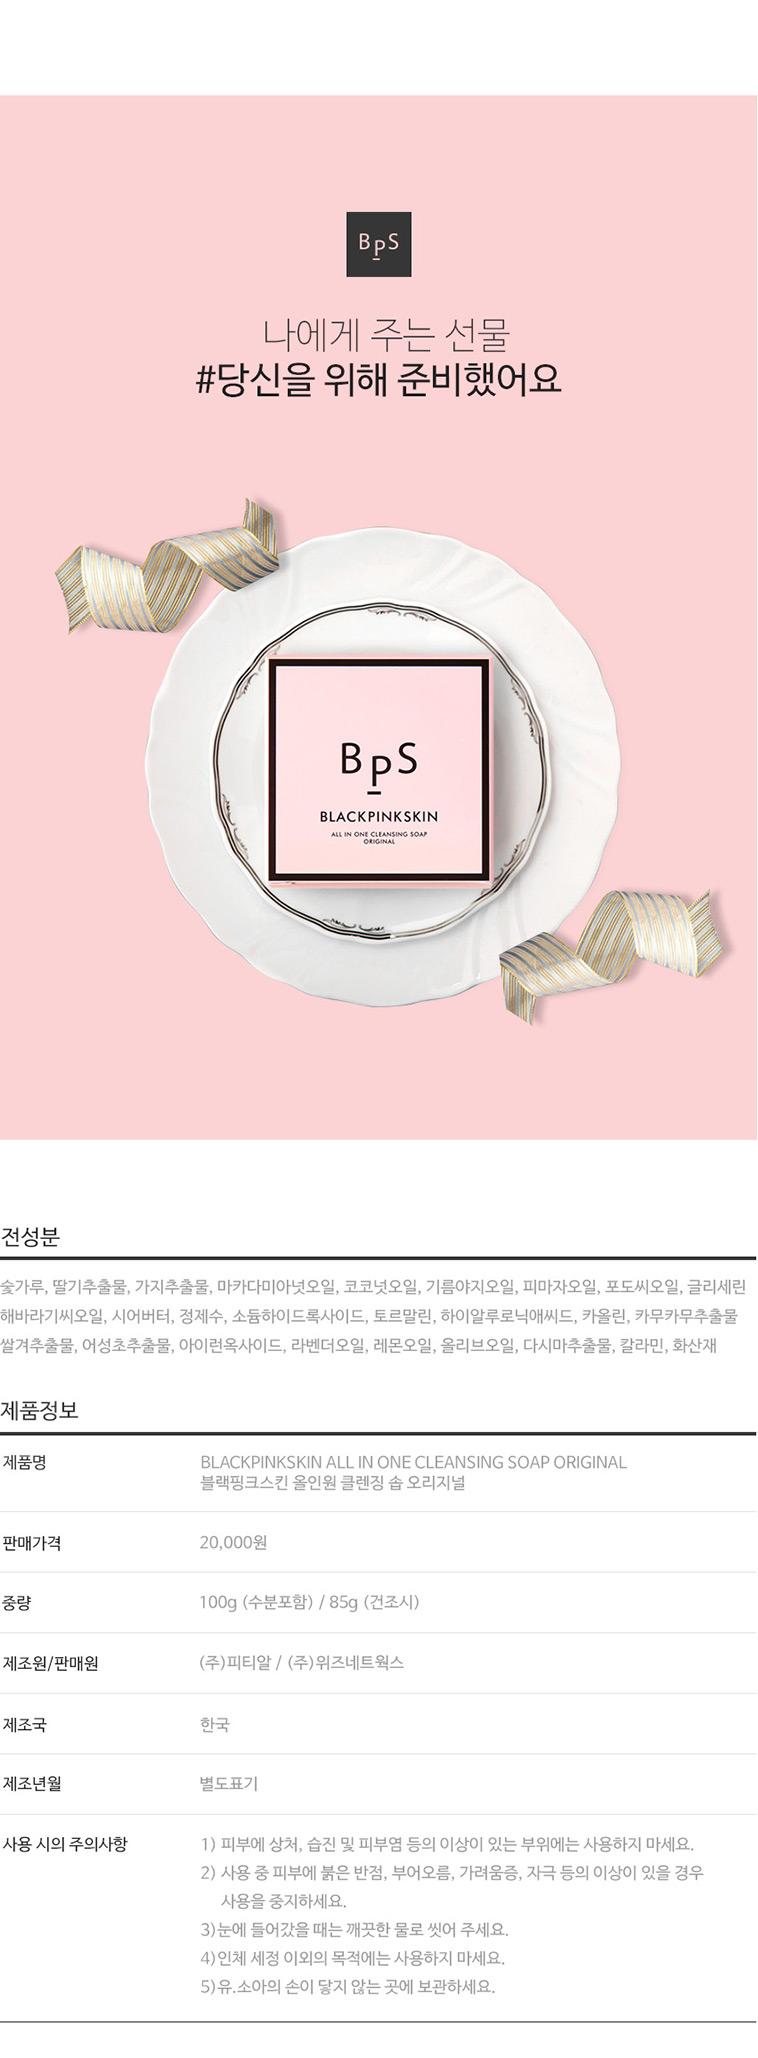 블랙핑크스킨 올인원 클렌징솝 - 비피에스, 15,000원, 비누, 클렌징바